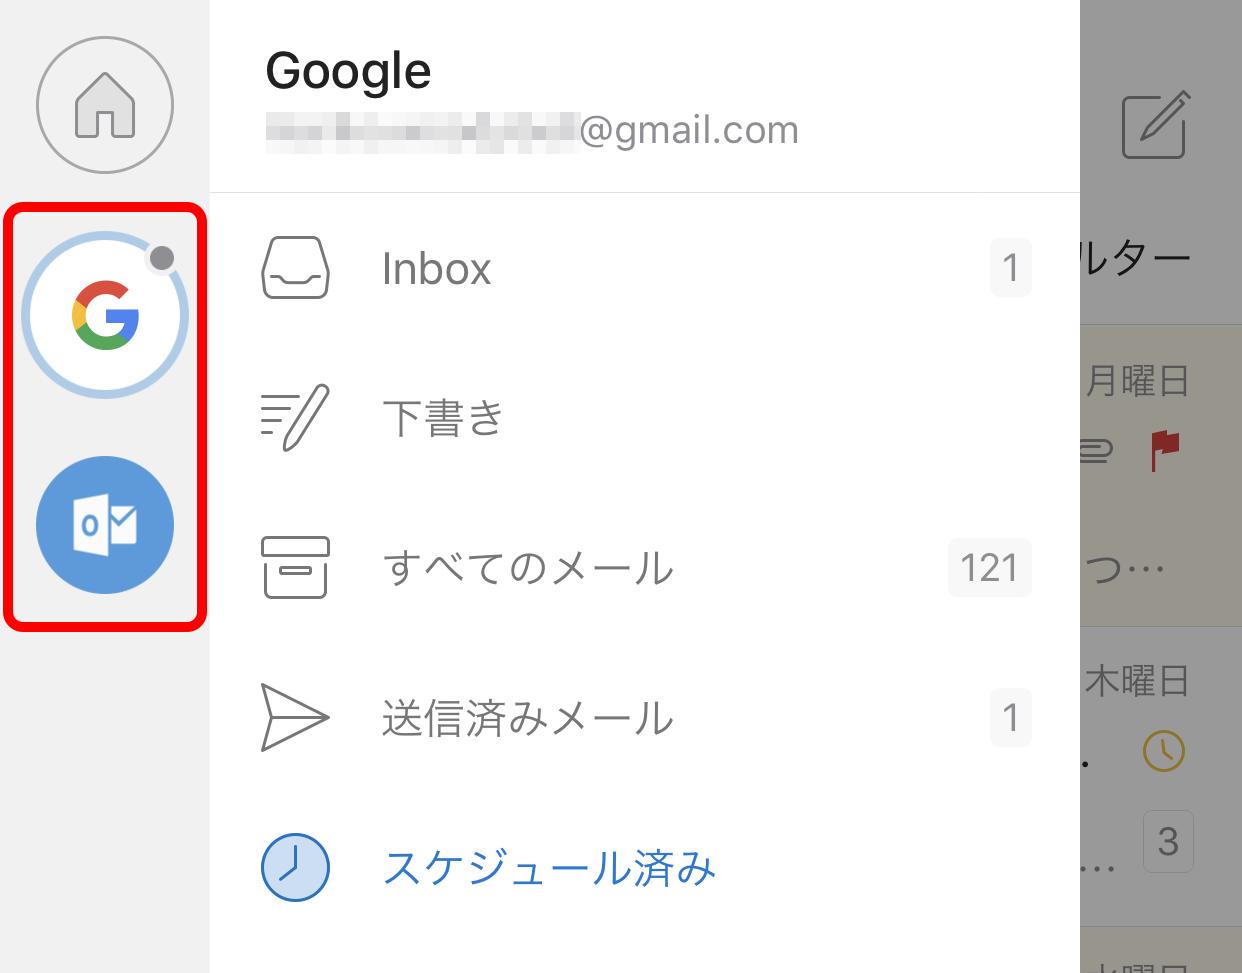 メール一覧から画面の左端を右へフリックすると、フォルダーの一覧とメニューが表示され、アカウントの切り替えができます